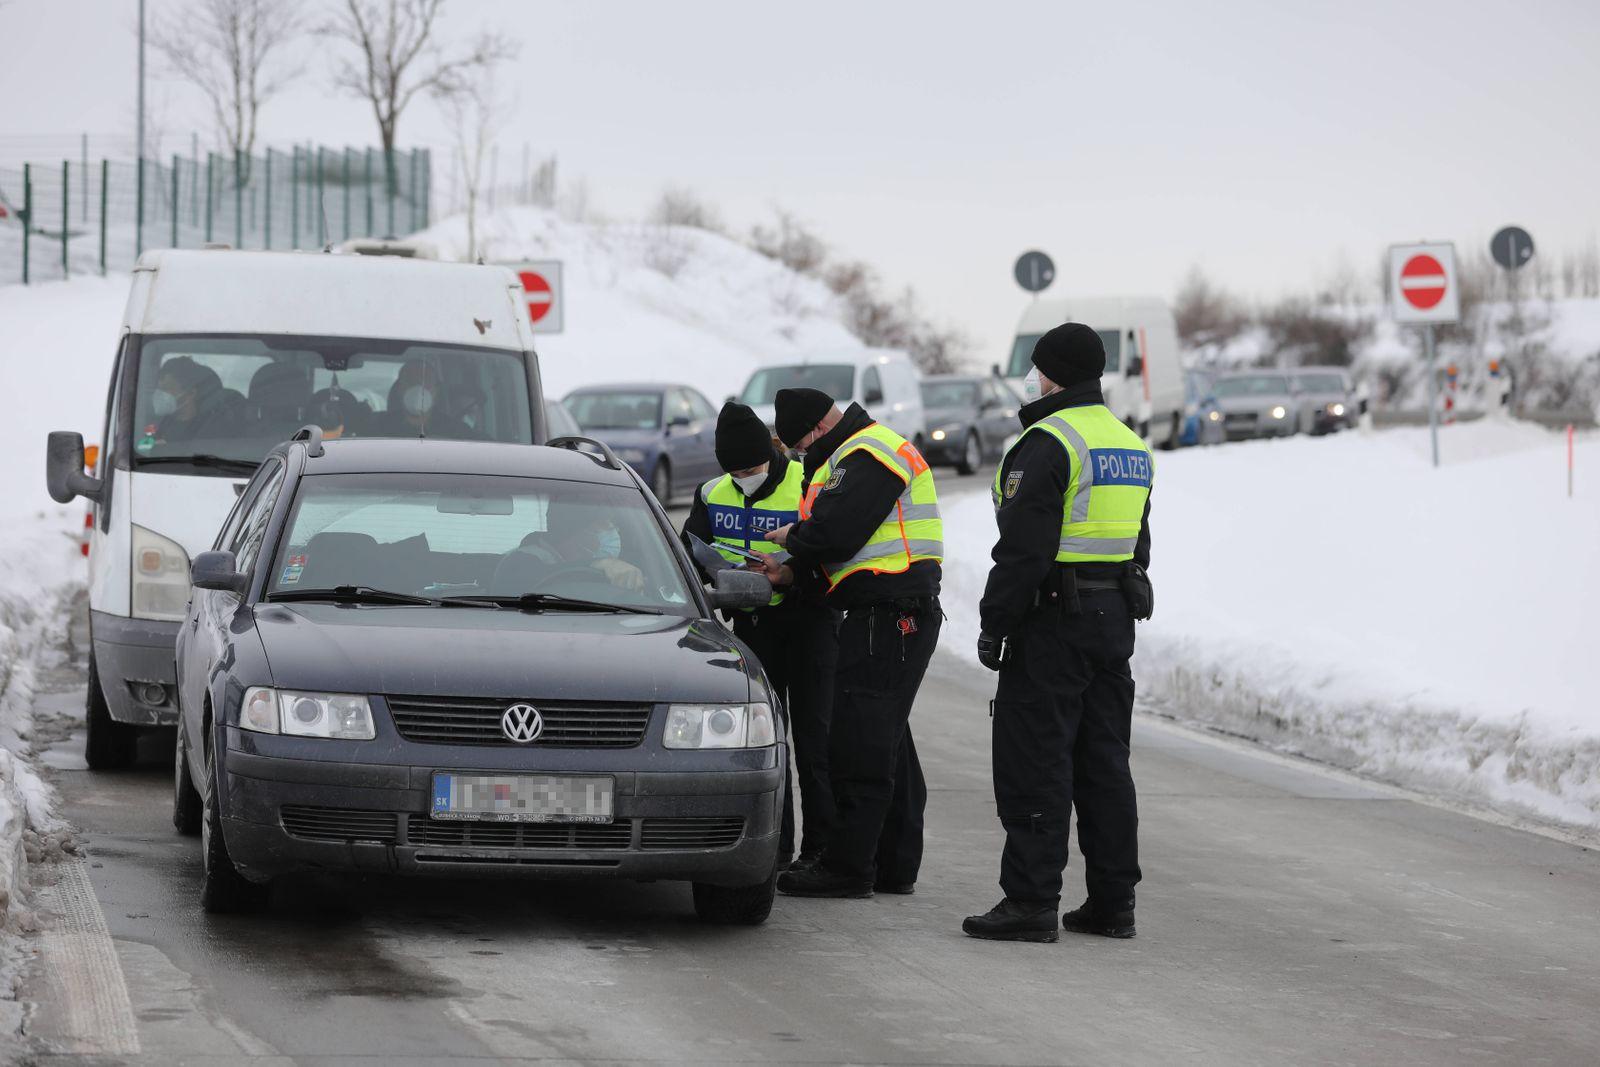 Mittlerweile sorgen die Grenzkontrollen für massive Verkehrsbehinderungen wie hier an der A17 bei Breitenau. Zwar kontr